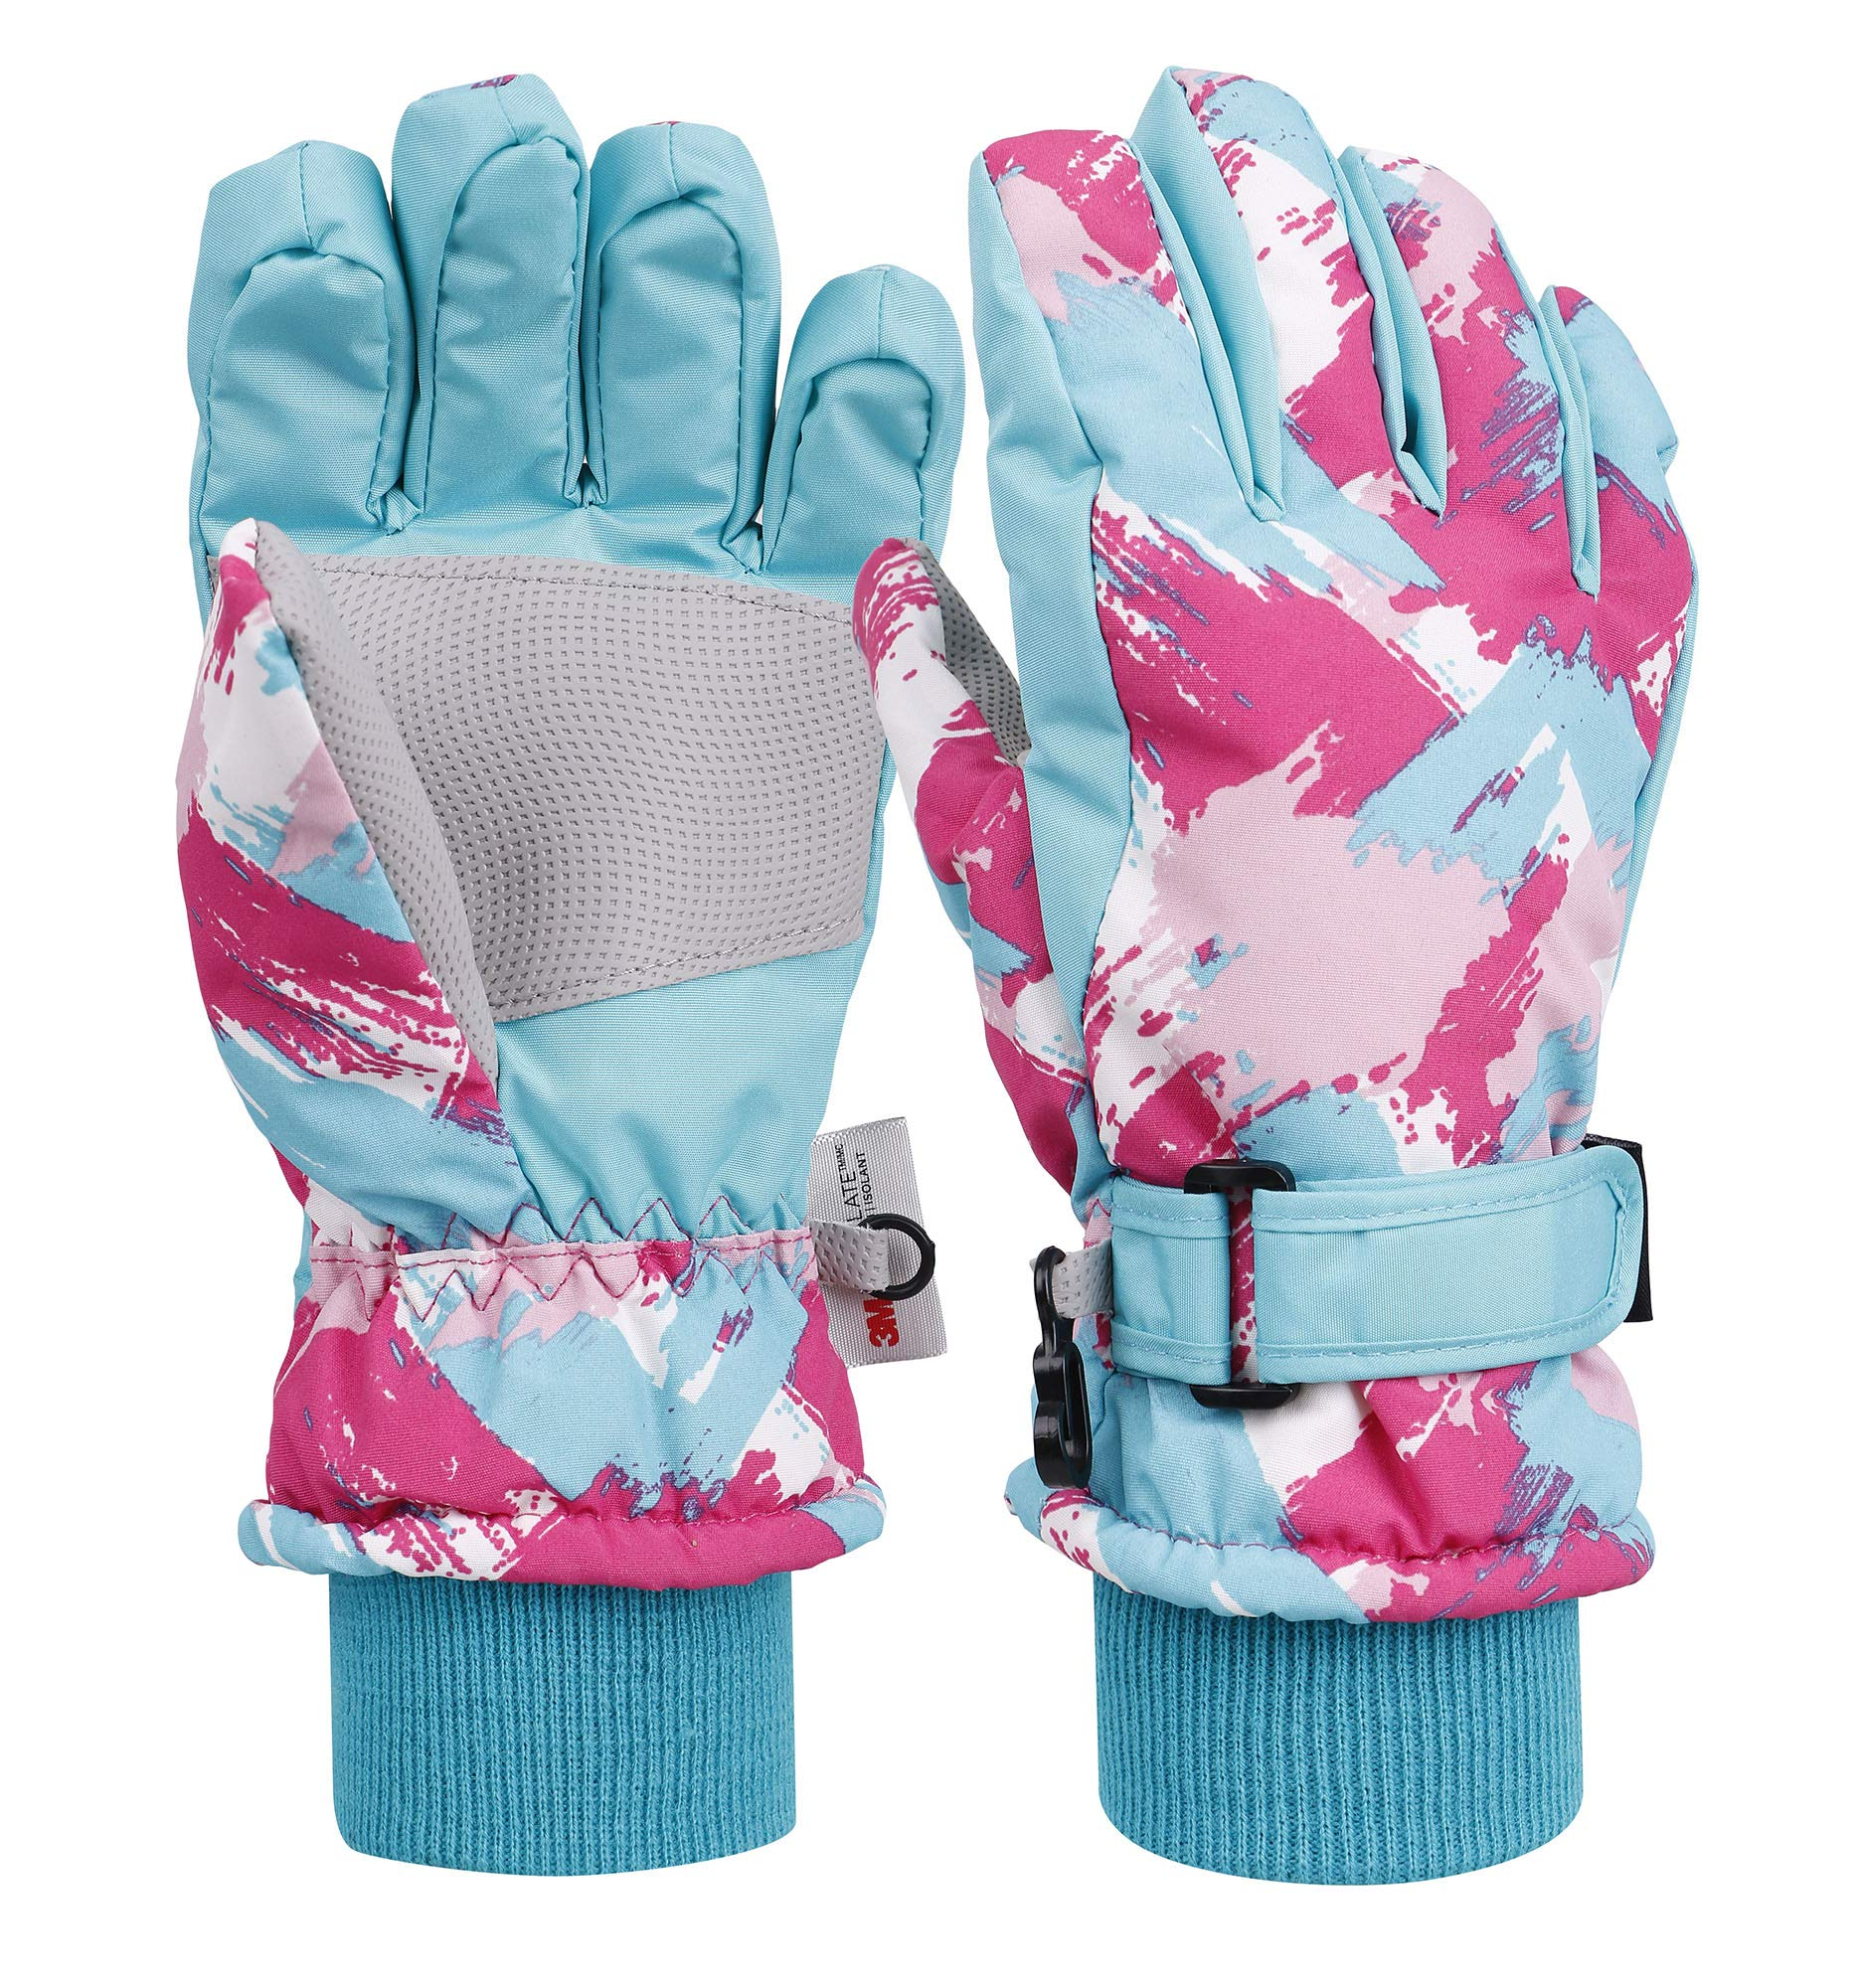 Livingston Kid's Winter Sportswear Waterproof Ski Gloves, Doodle_Blue, Medium